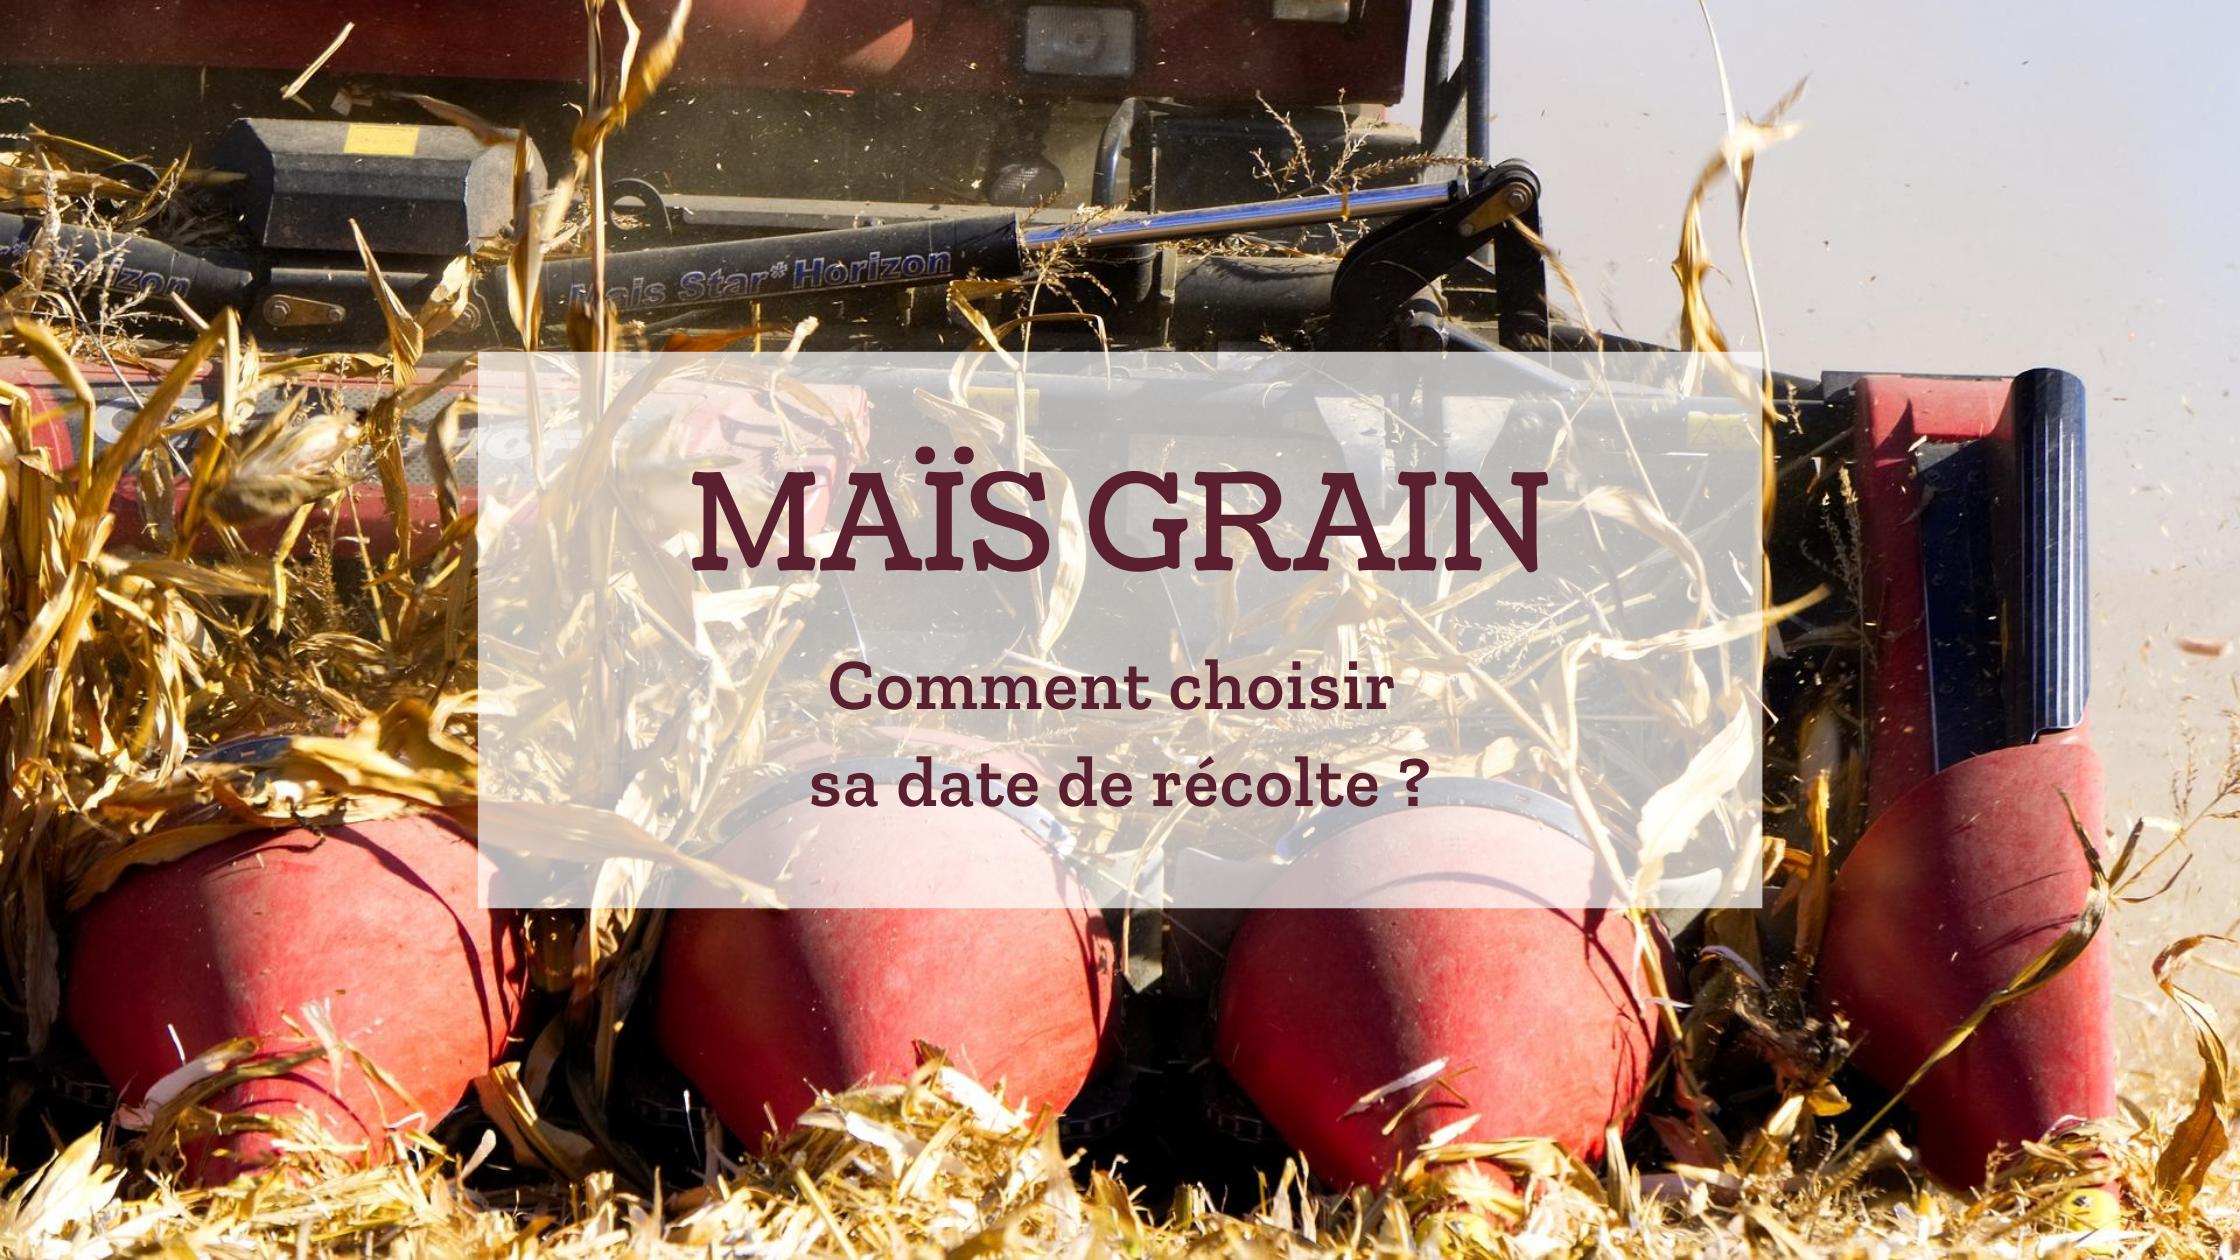 Maïs grain : comment choisir sa date de récolte ?